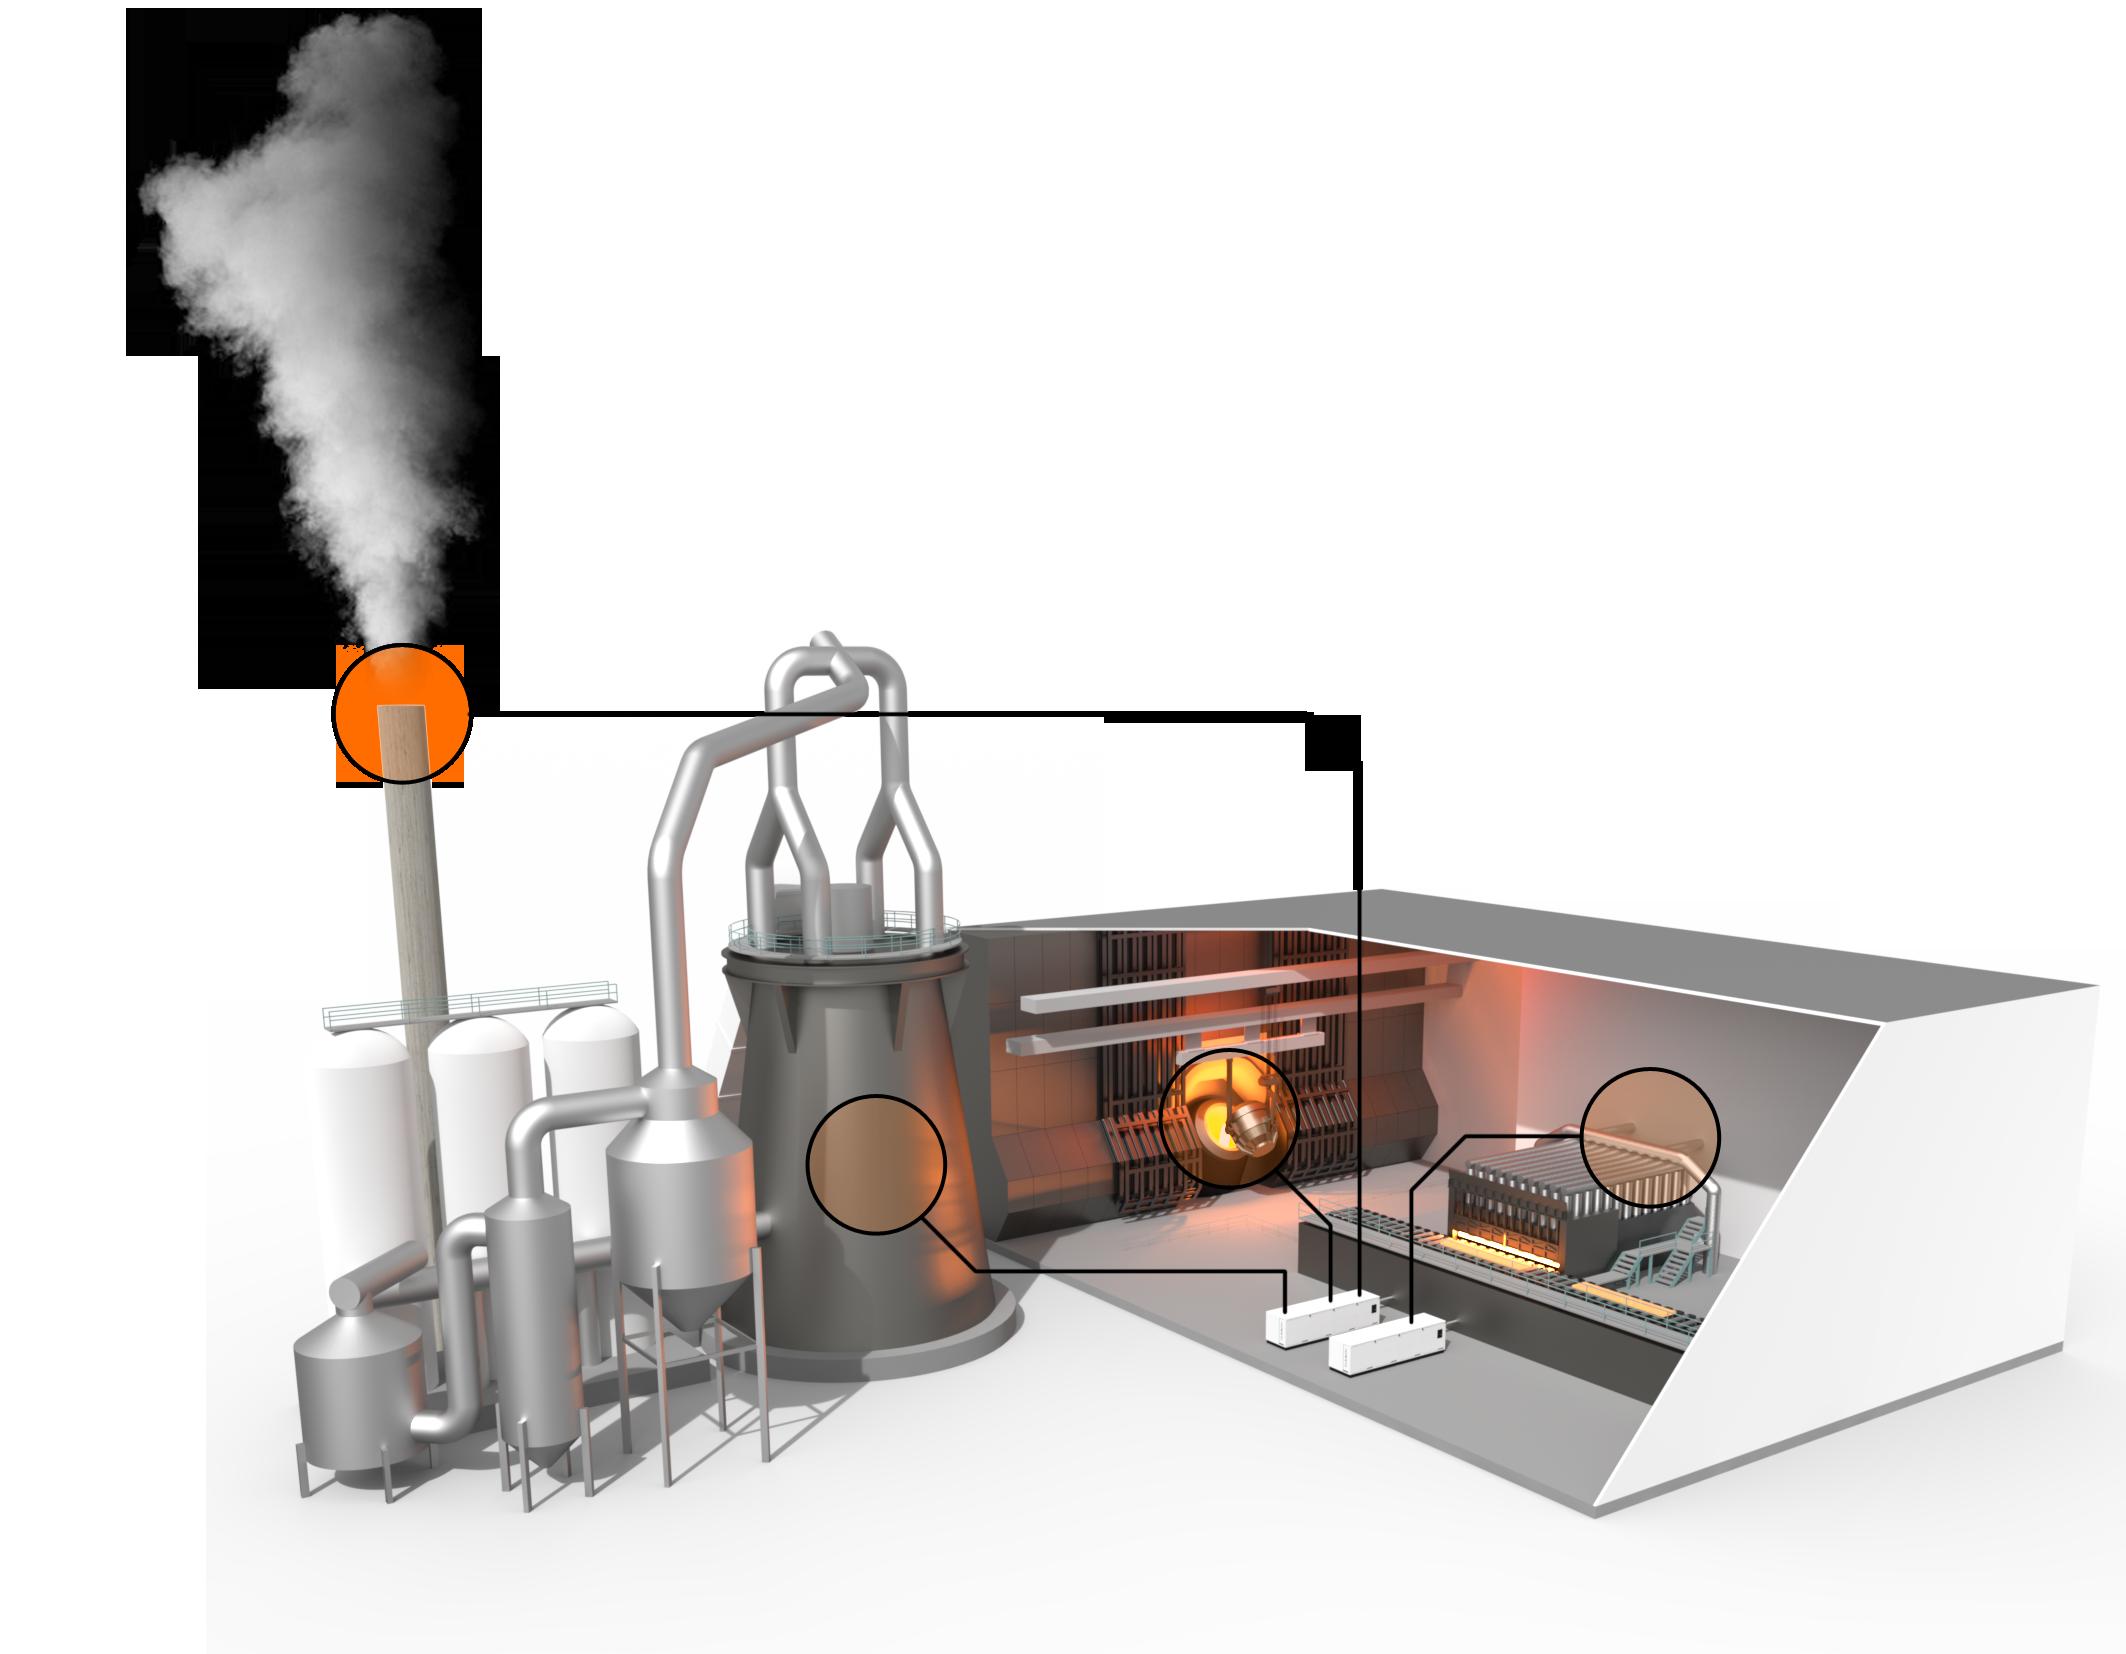 bk-steel-plant-2-3 6-frilagd-utan-text